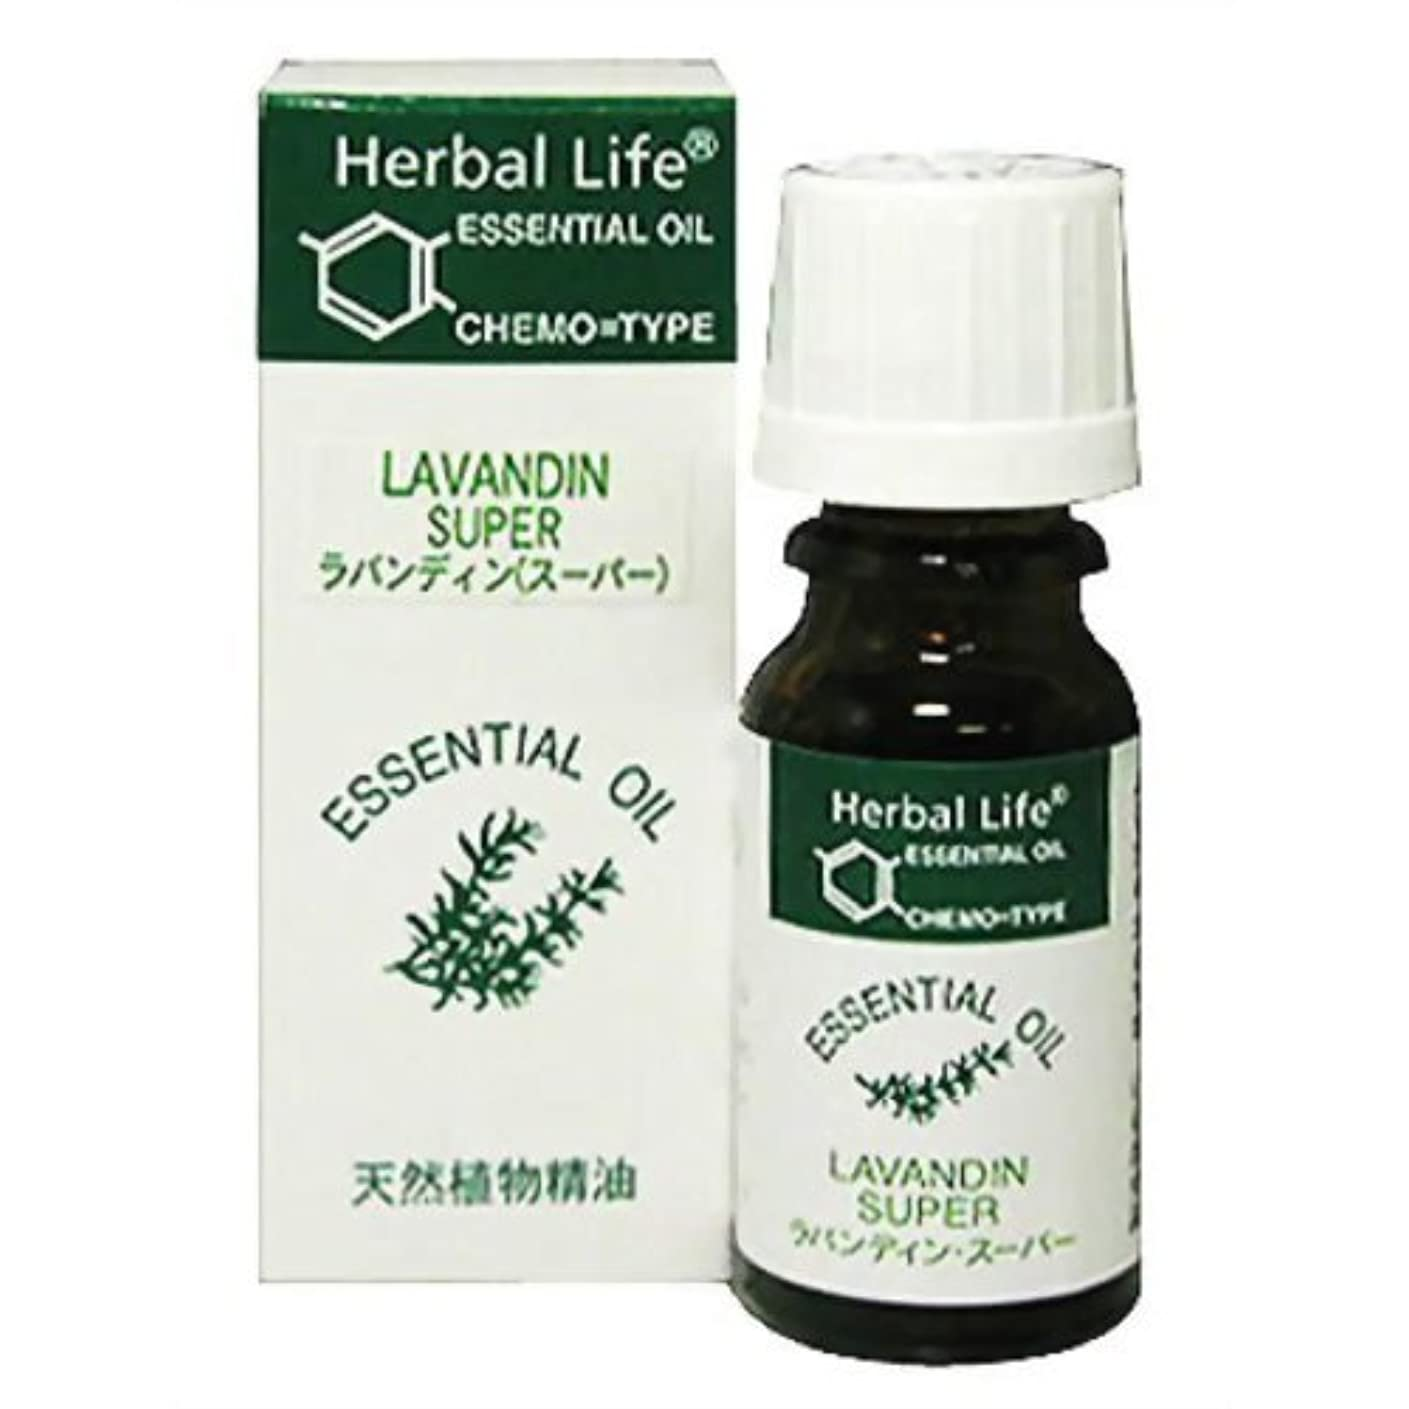 提案する賞賛失態Herbal Life ラバンディン?スーパー 10ml